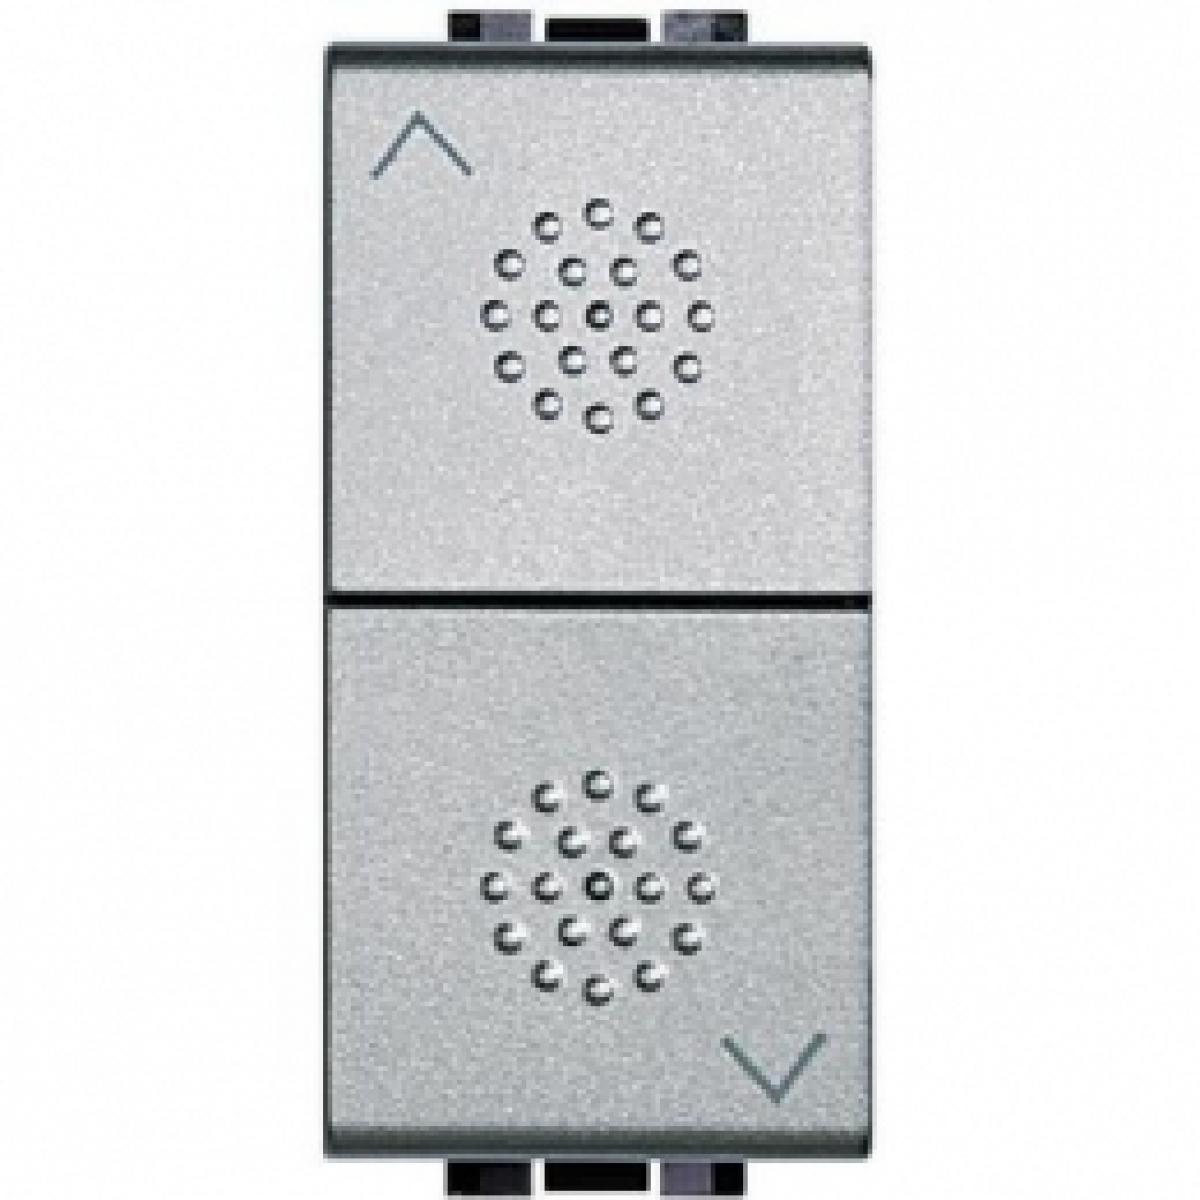 NT4037 Pulsante bticino interbloccato con contatto no serie light tech